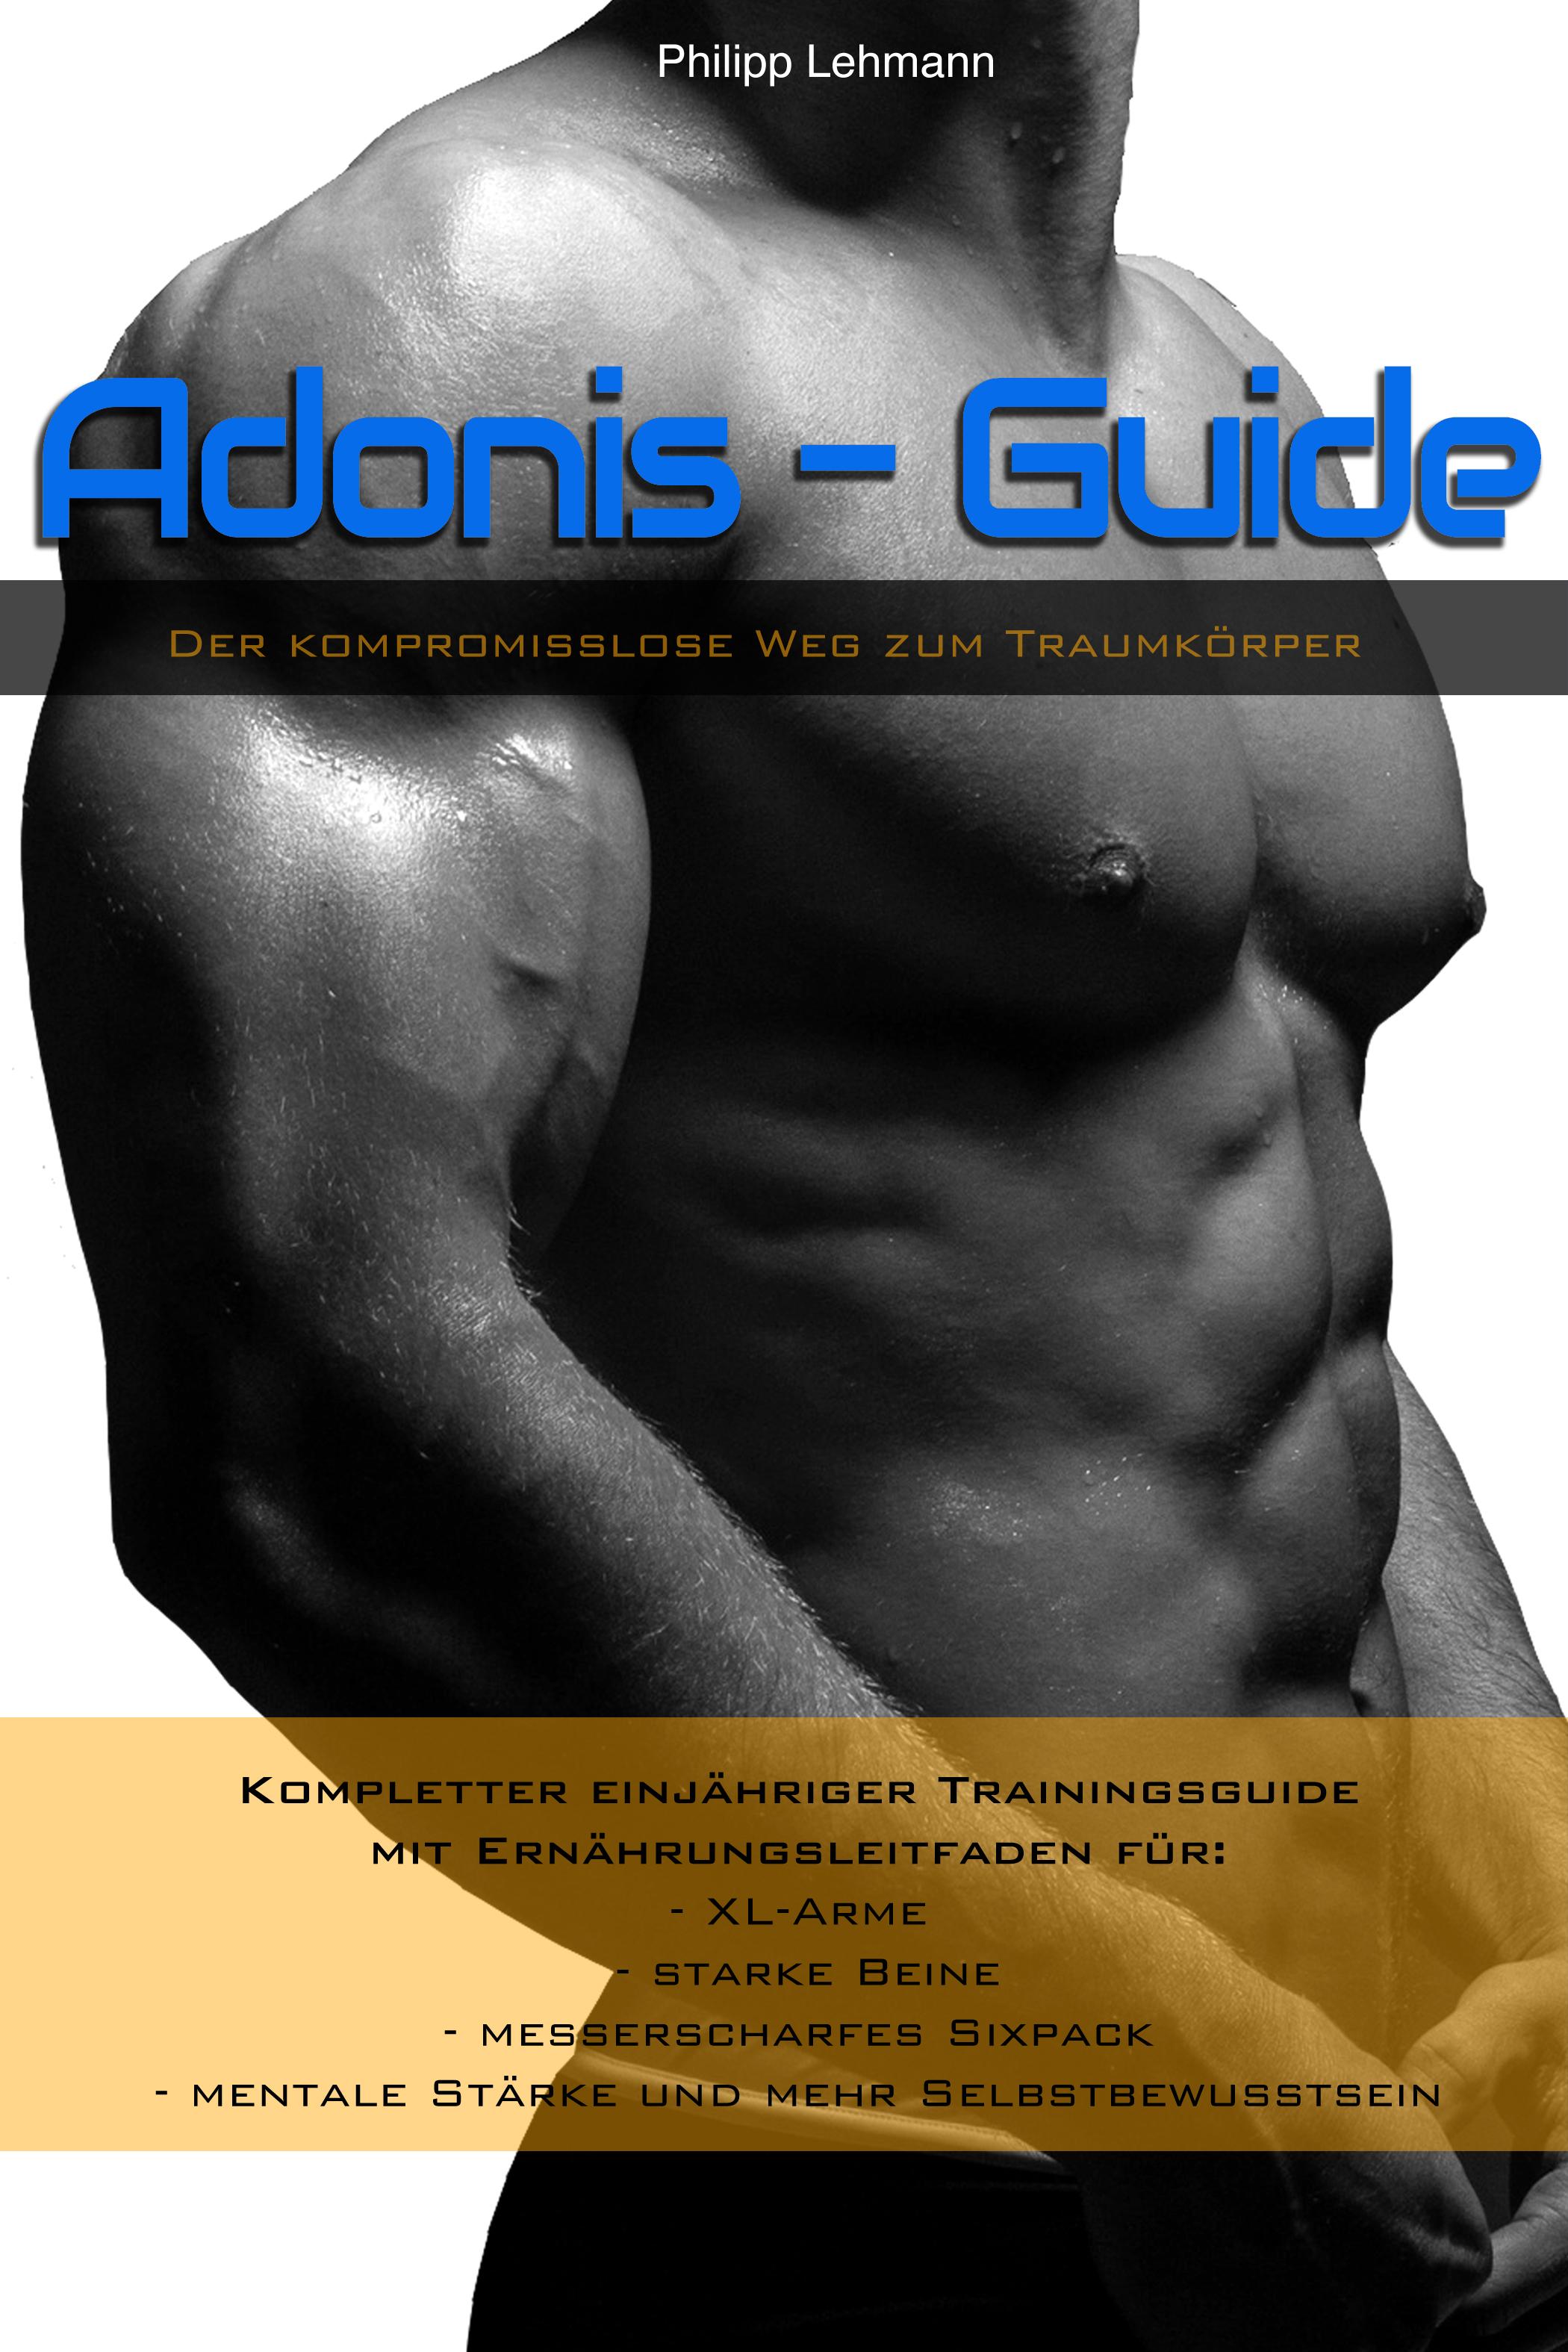 Adonis-Guide – Der kompromisslose Weg zum Traumkörper